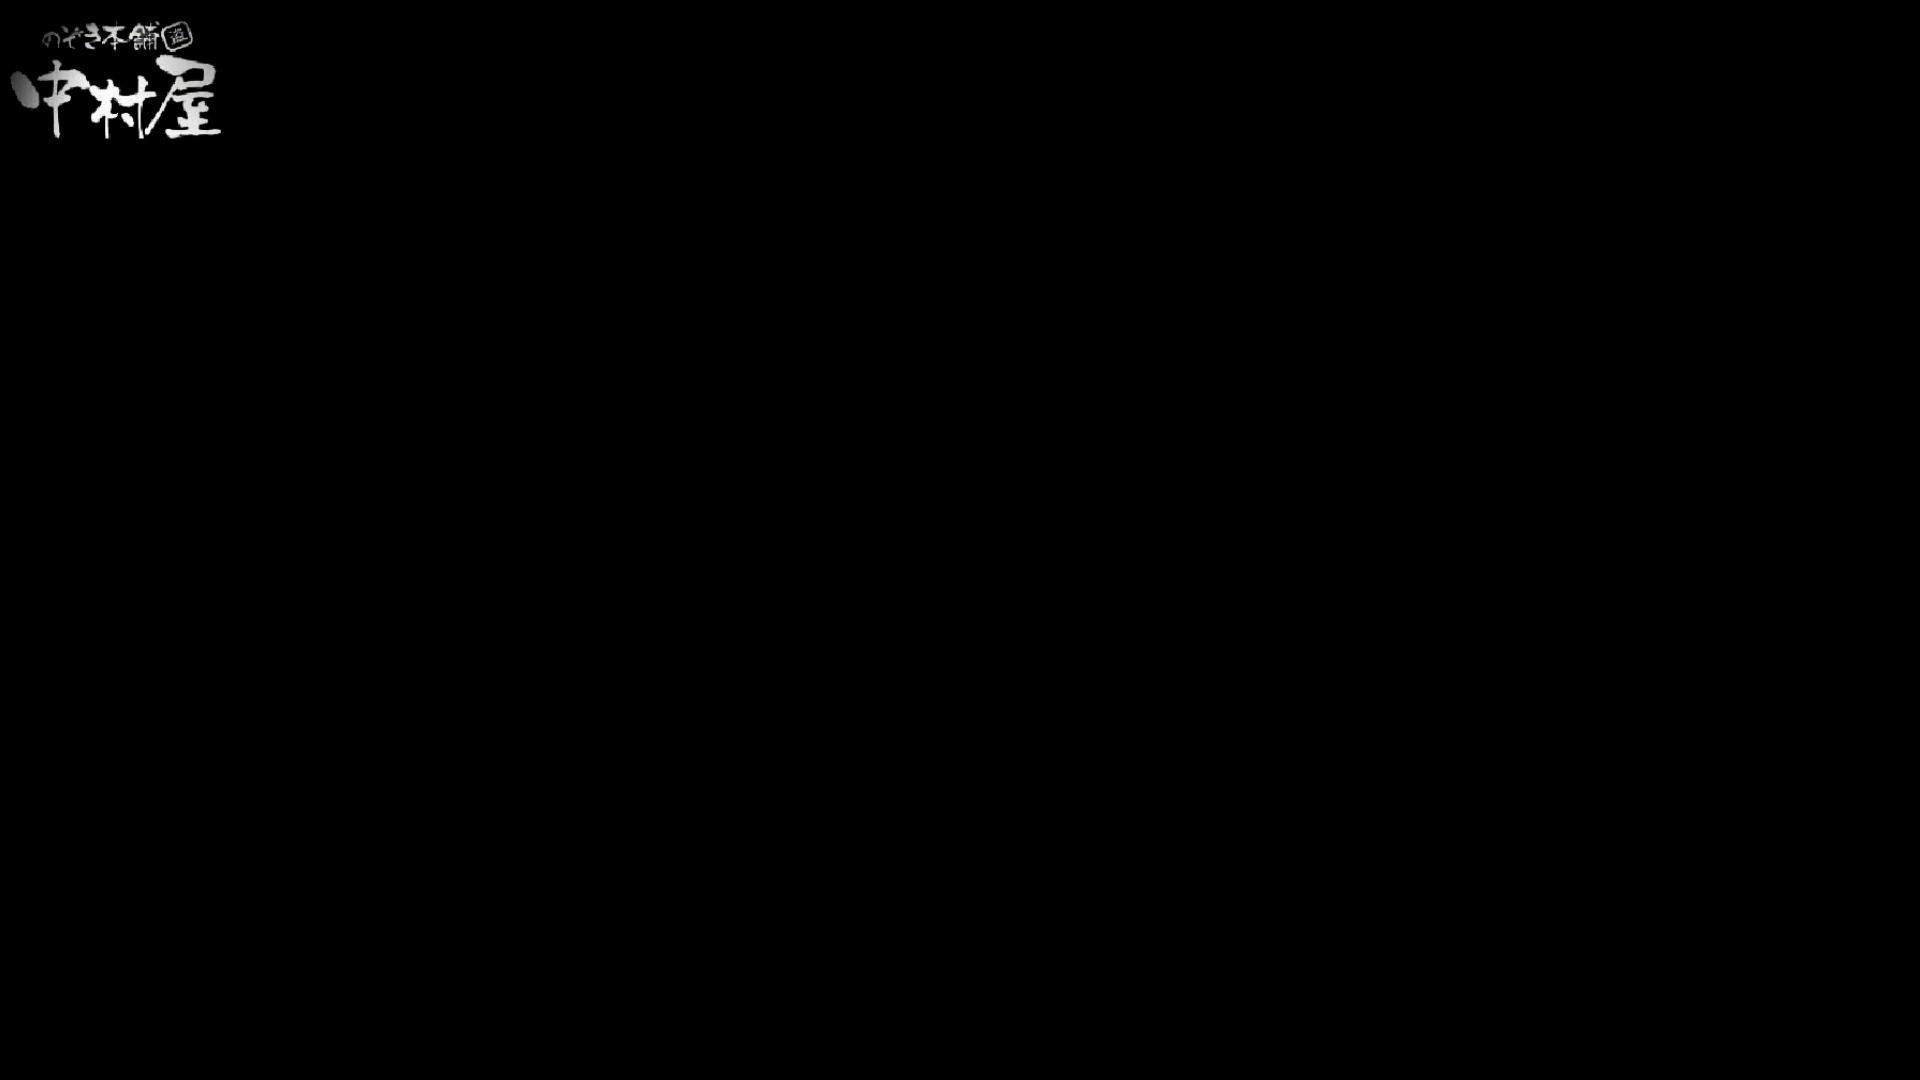 雅さんが厳選新年特別コンテンツ!激走!東京マラソン選手専用女子トイレvol.9 和式  57PICs 12